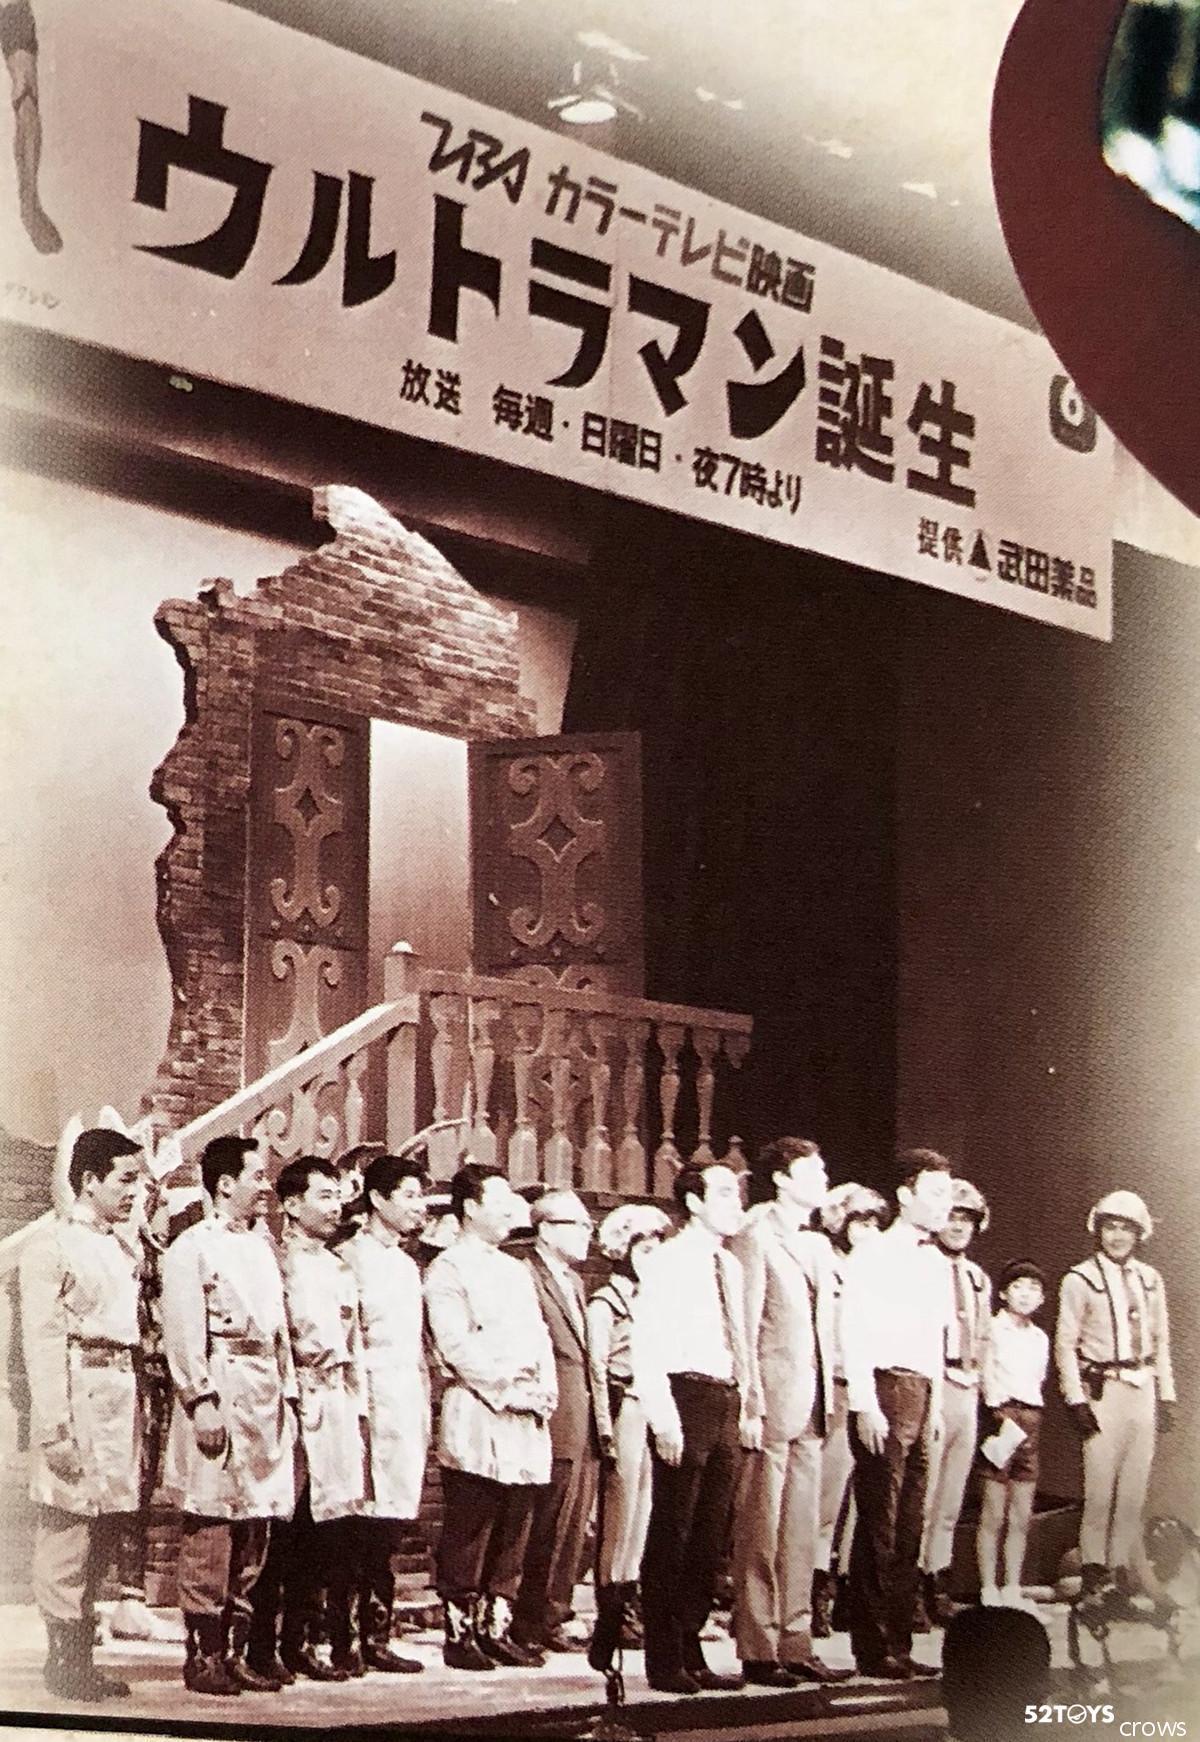 1966年奥特曼首映典礼